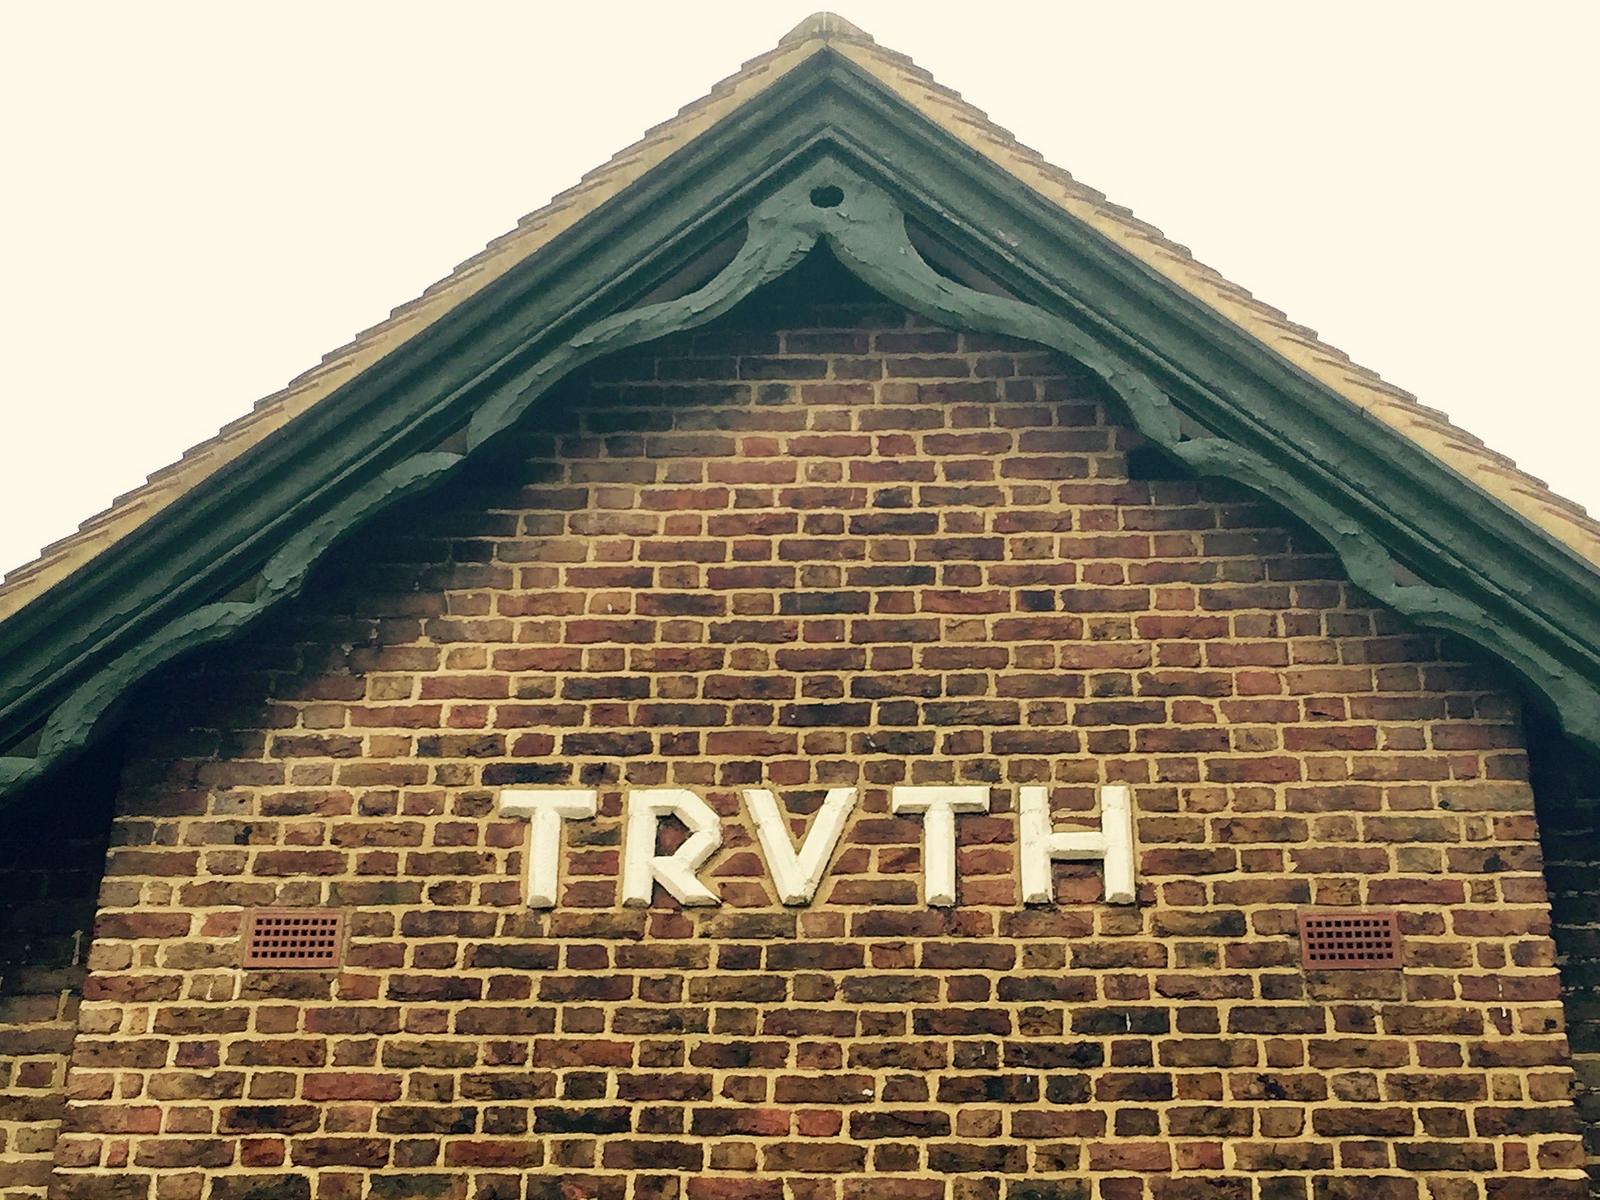 Es gibt keine Wahrheit, aber Medienkompetenz. Foto: CC-BY 2.0 Matt From London